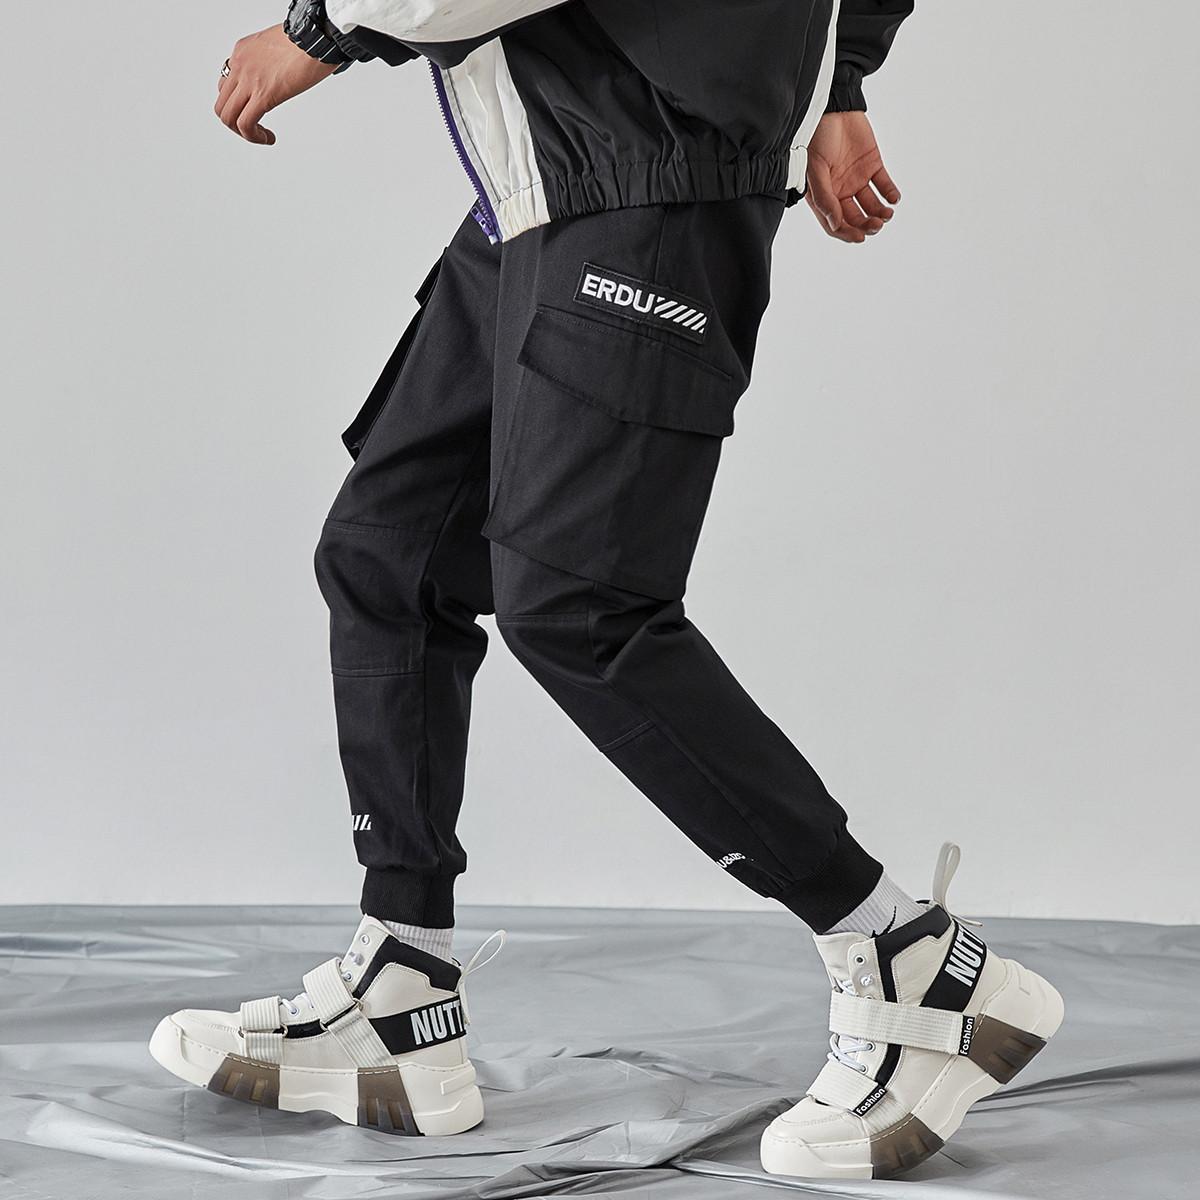 RAMPAGE美国潮牌裤子嘻哈伦裤小脚休闲裤男宽松多袋工装裤潮束脚裤RQ1171201